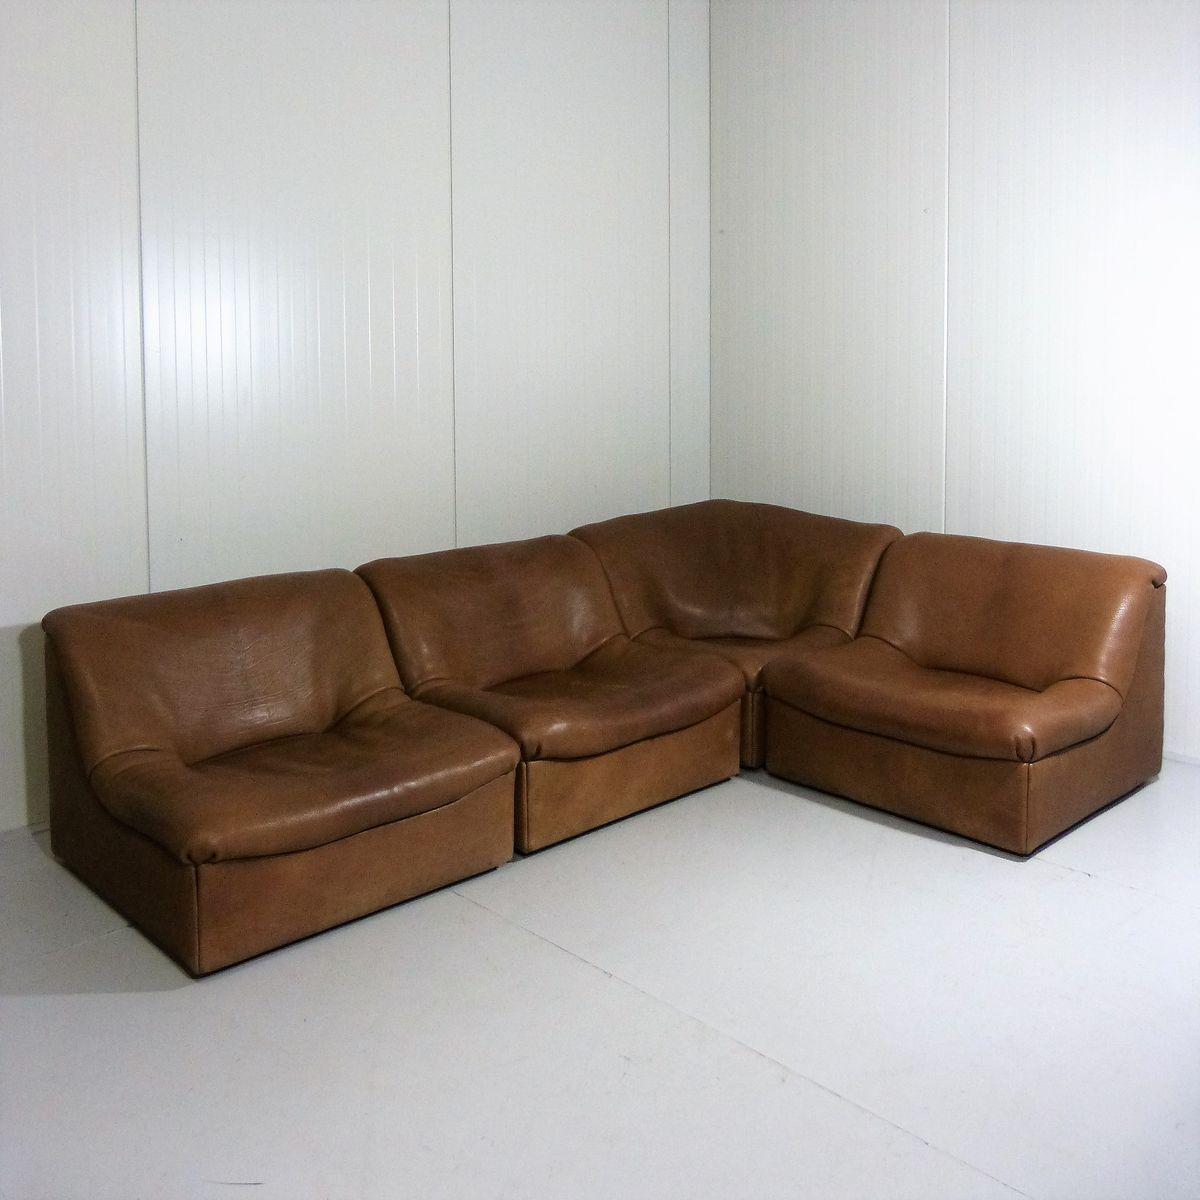 modulares ds 46 sofa aus b ffelleder von de sede 1970er bei pamono kaufen. Black Bedroom Furniture Sets. Home Design Ideas